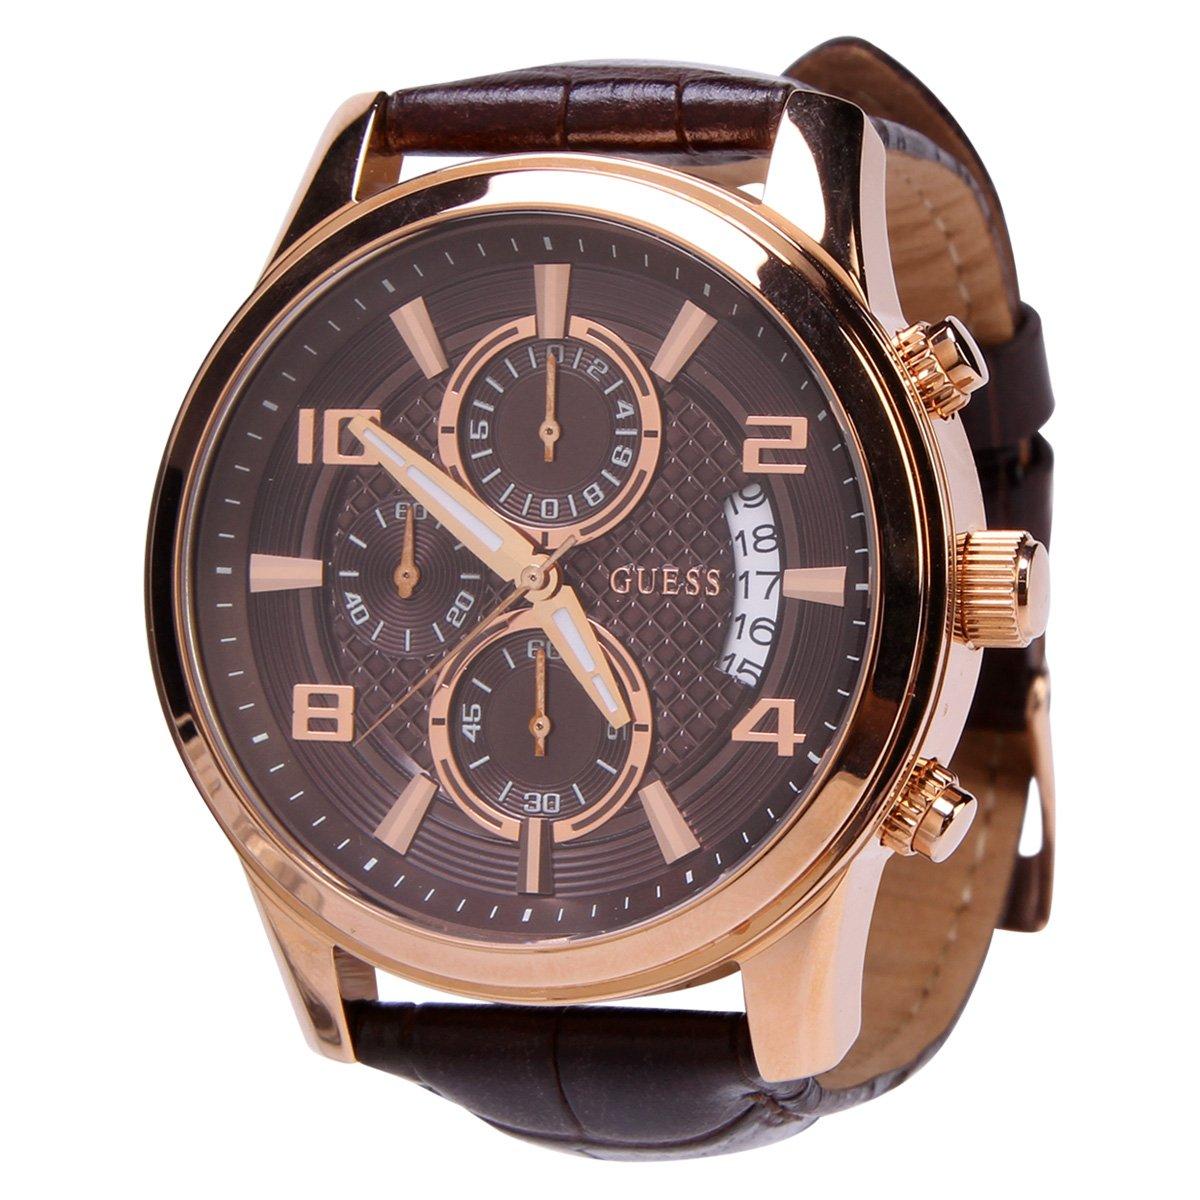 034fc91d185 Relógio Guess Crono - Compre Agora